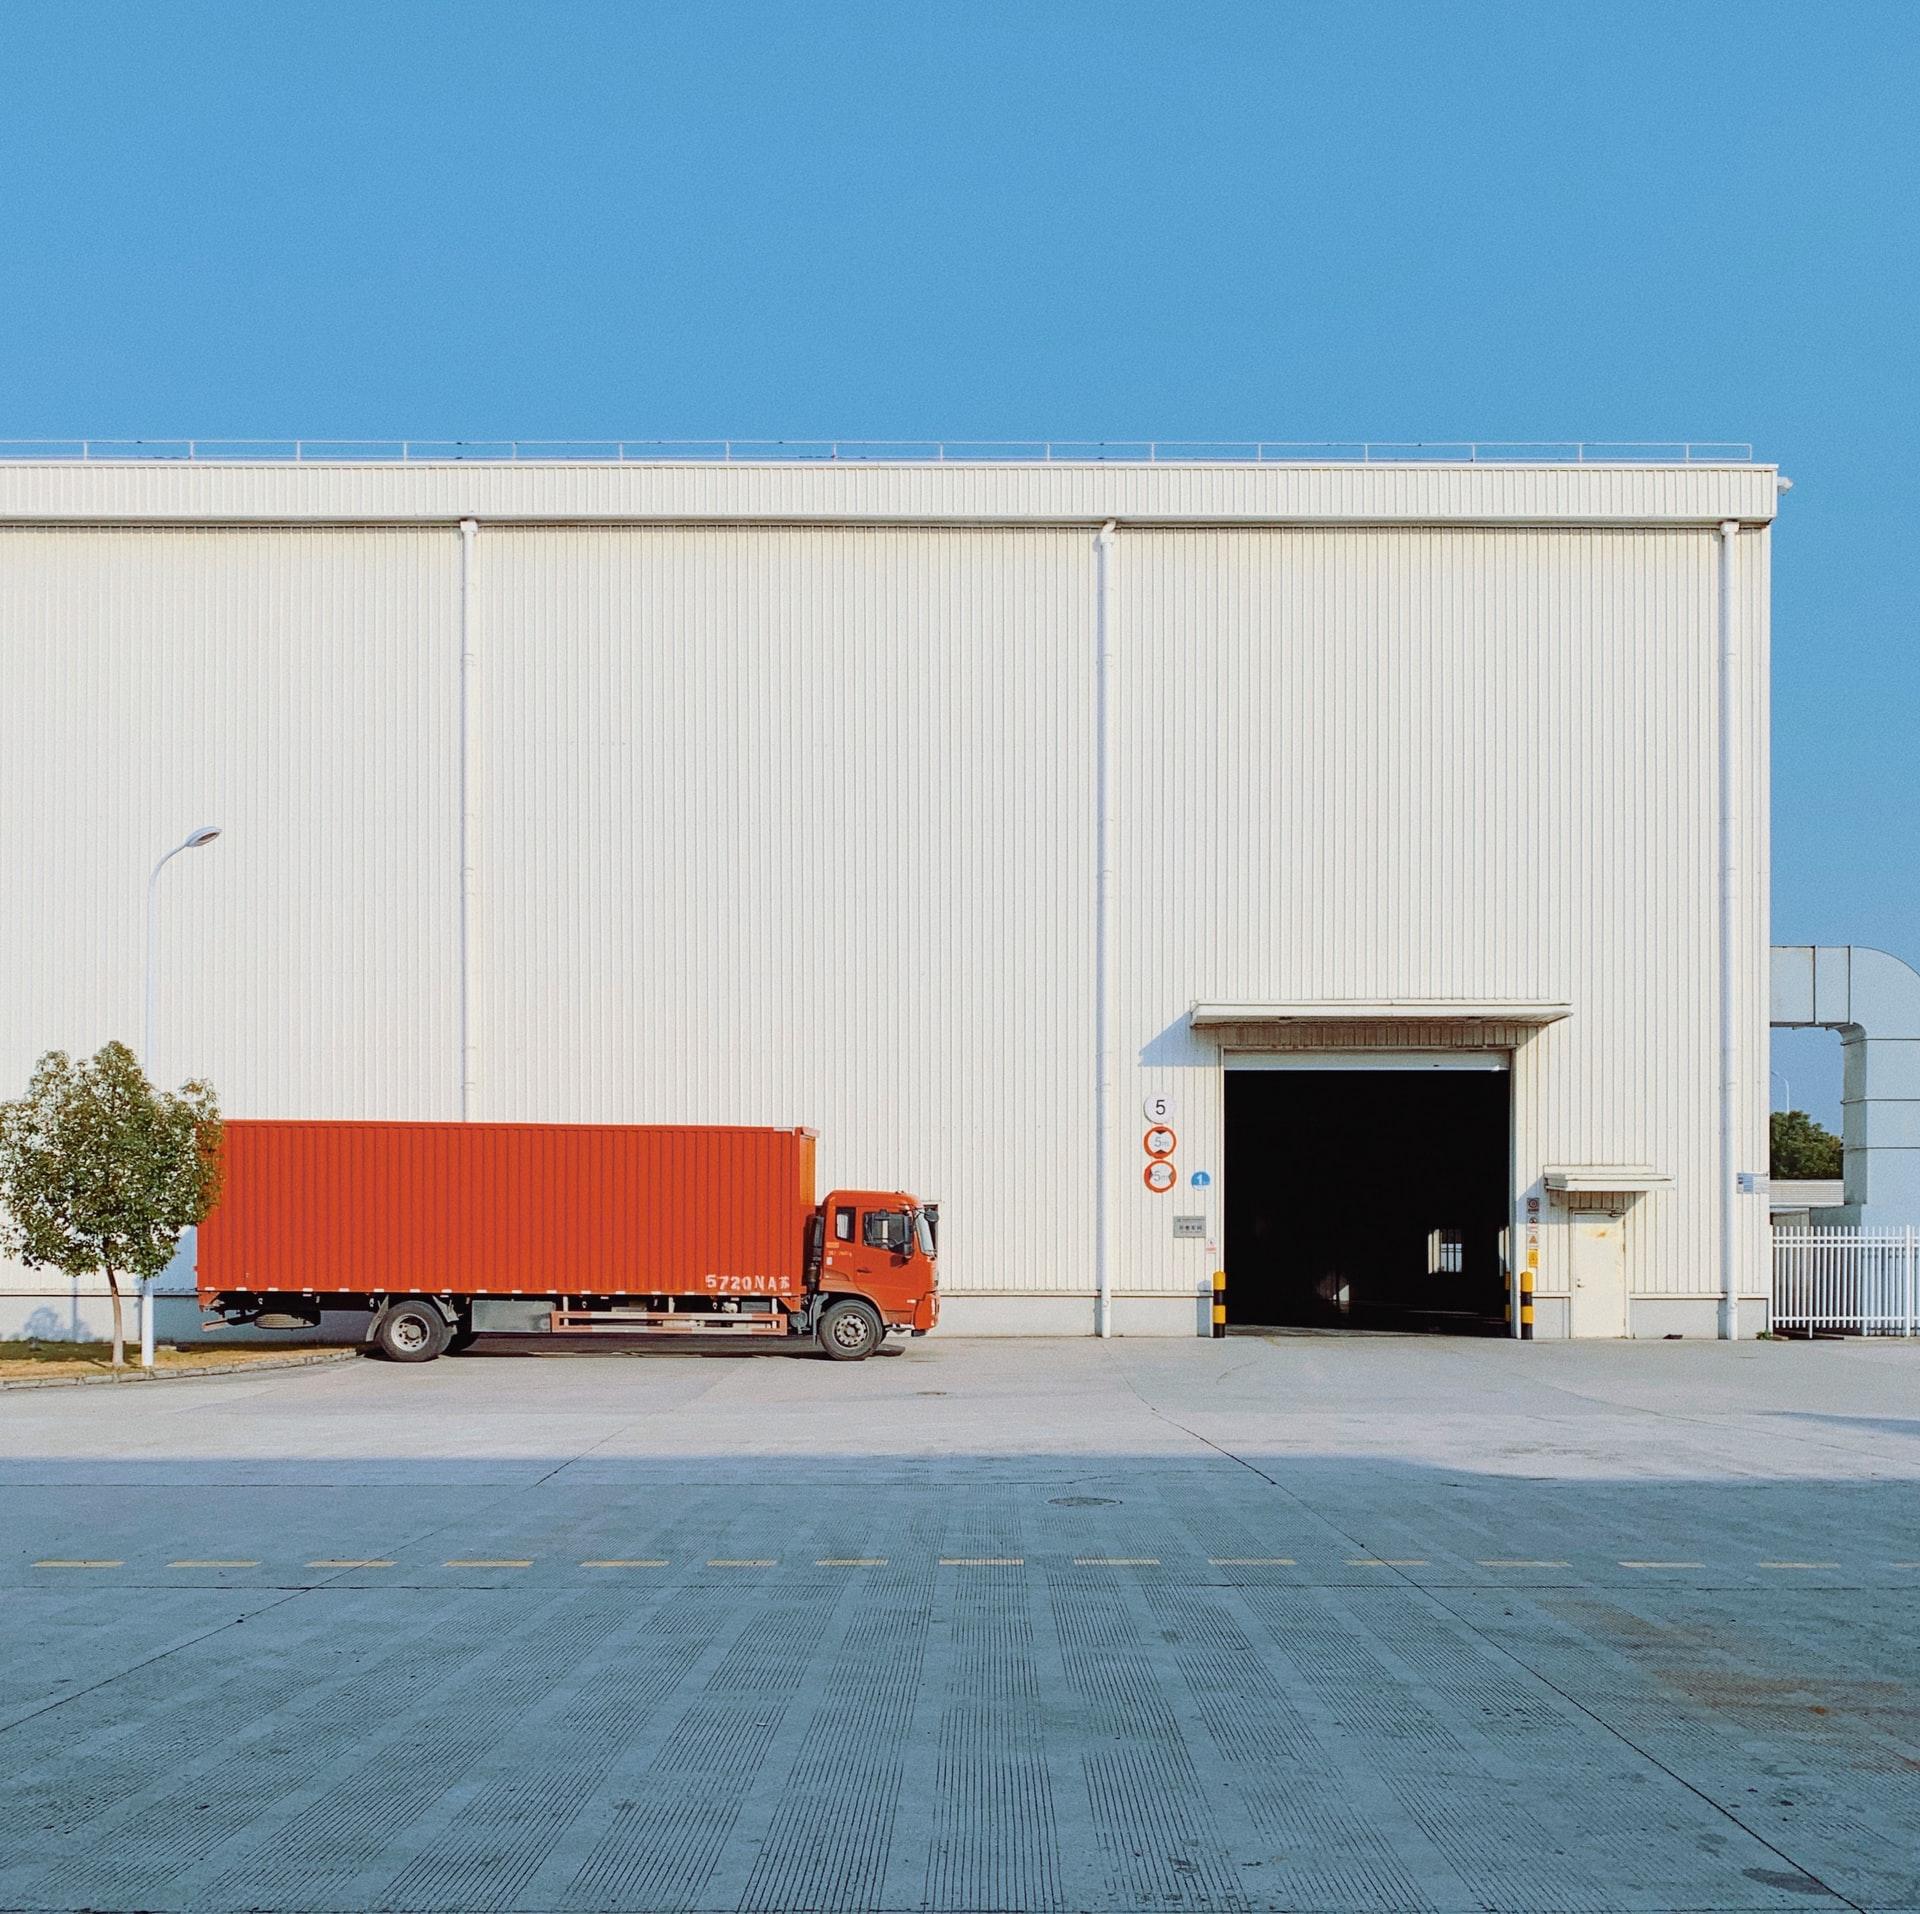 Le transporteur, allié d'une PME industrielle en croissance